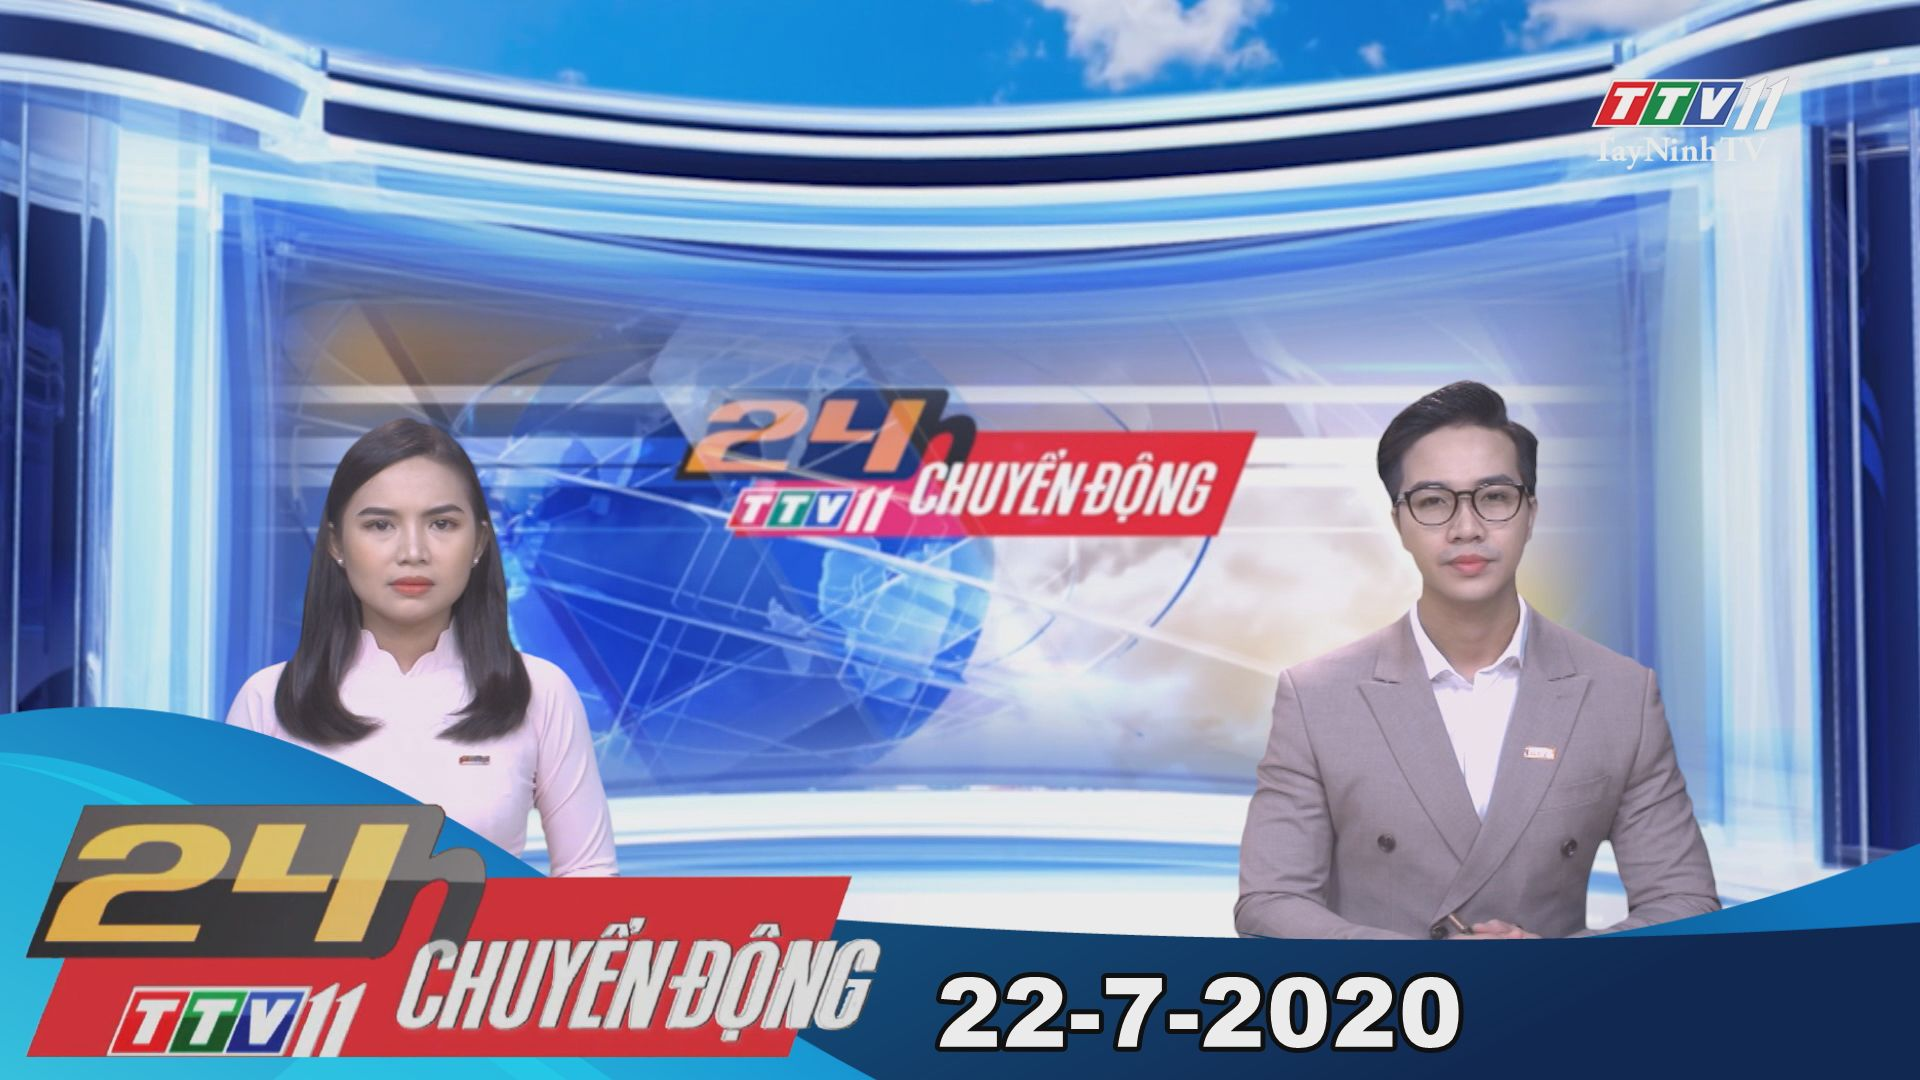 24h Chuyển động 22-7-2020 | Tin tức hôm nay | TayNinhTV